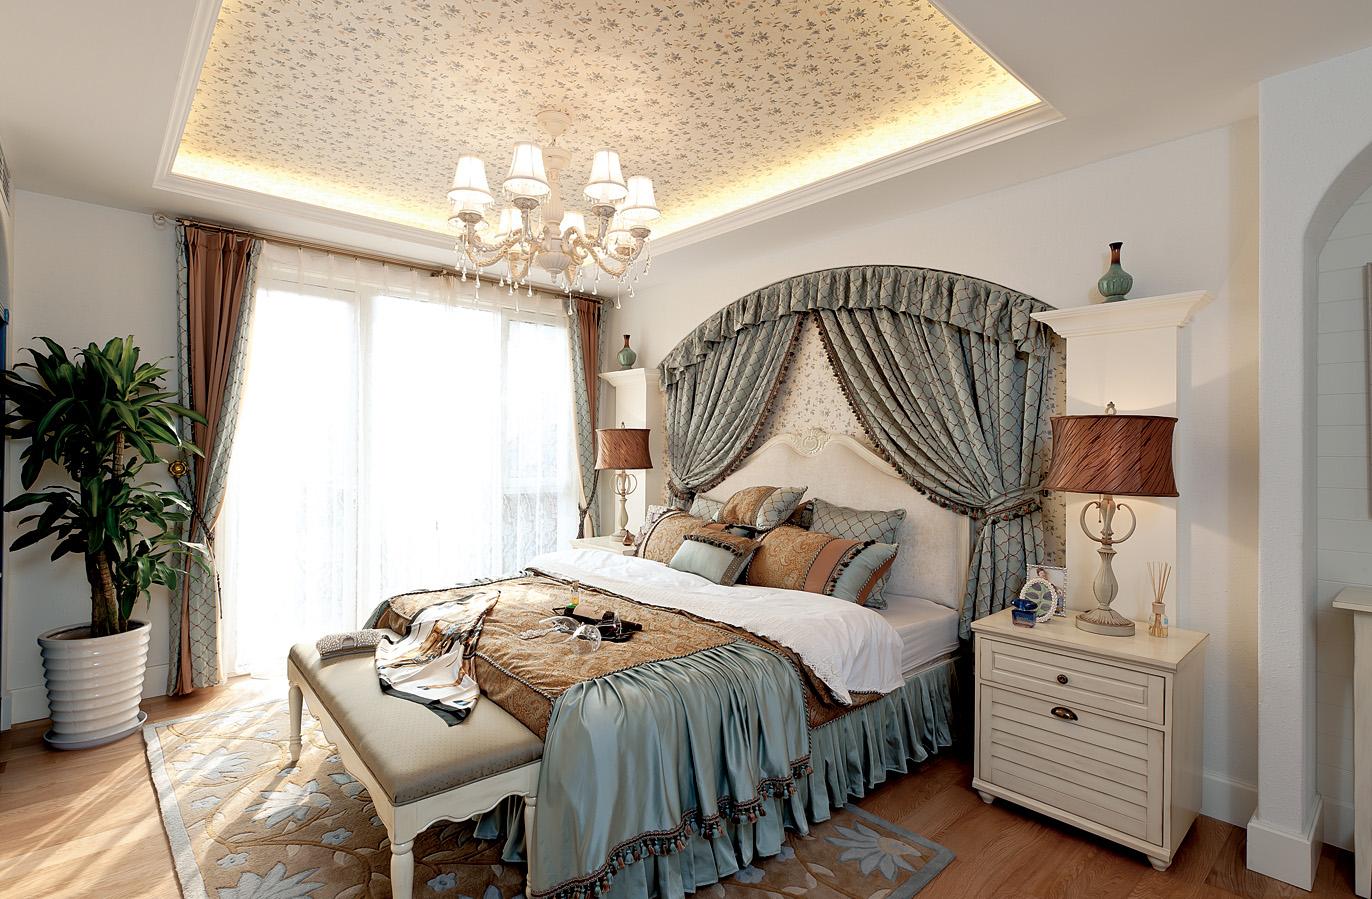 三居 别墅 白领 80后 小资 卧室图片来自优木家装饰在金科阳光小镇的分享